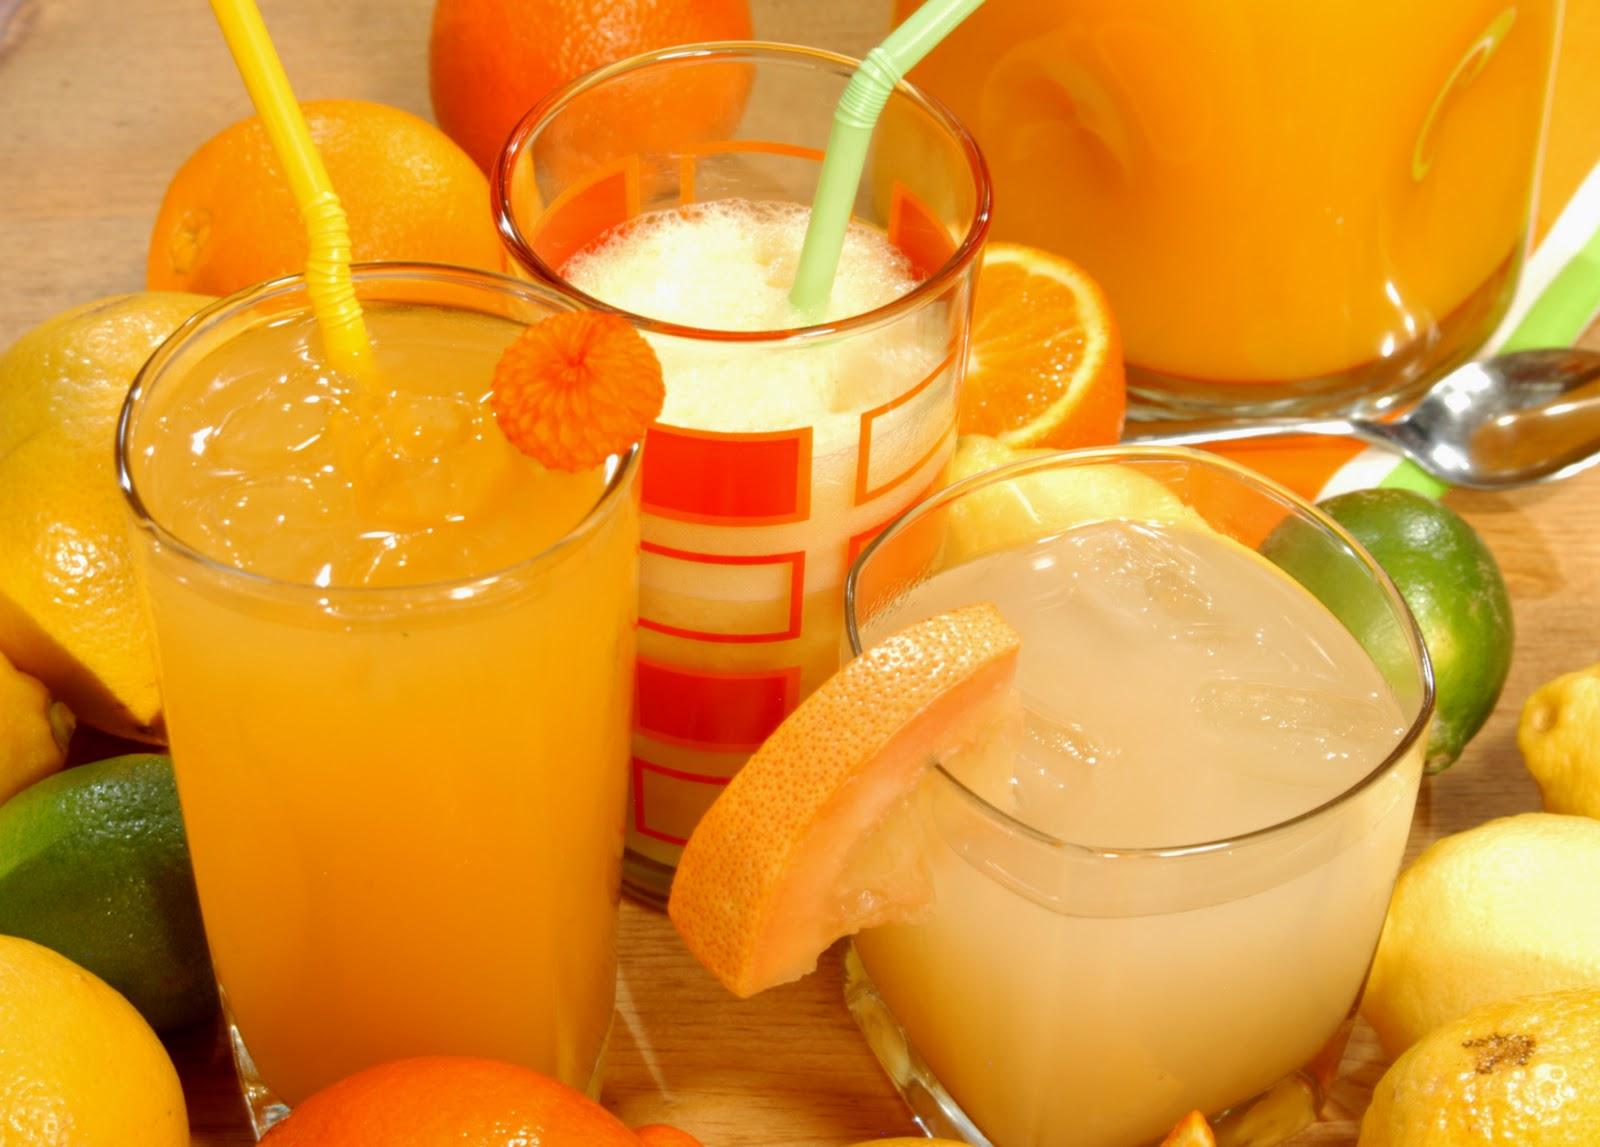 Băuturile din citrice sunt foarte sănătoase, însă trebuie consumate cu grijă.